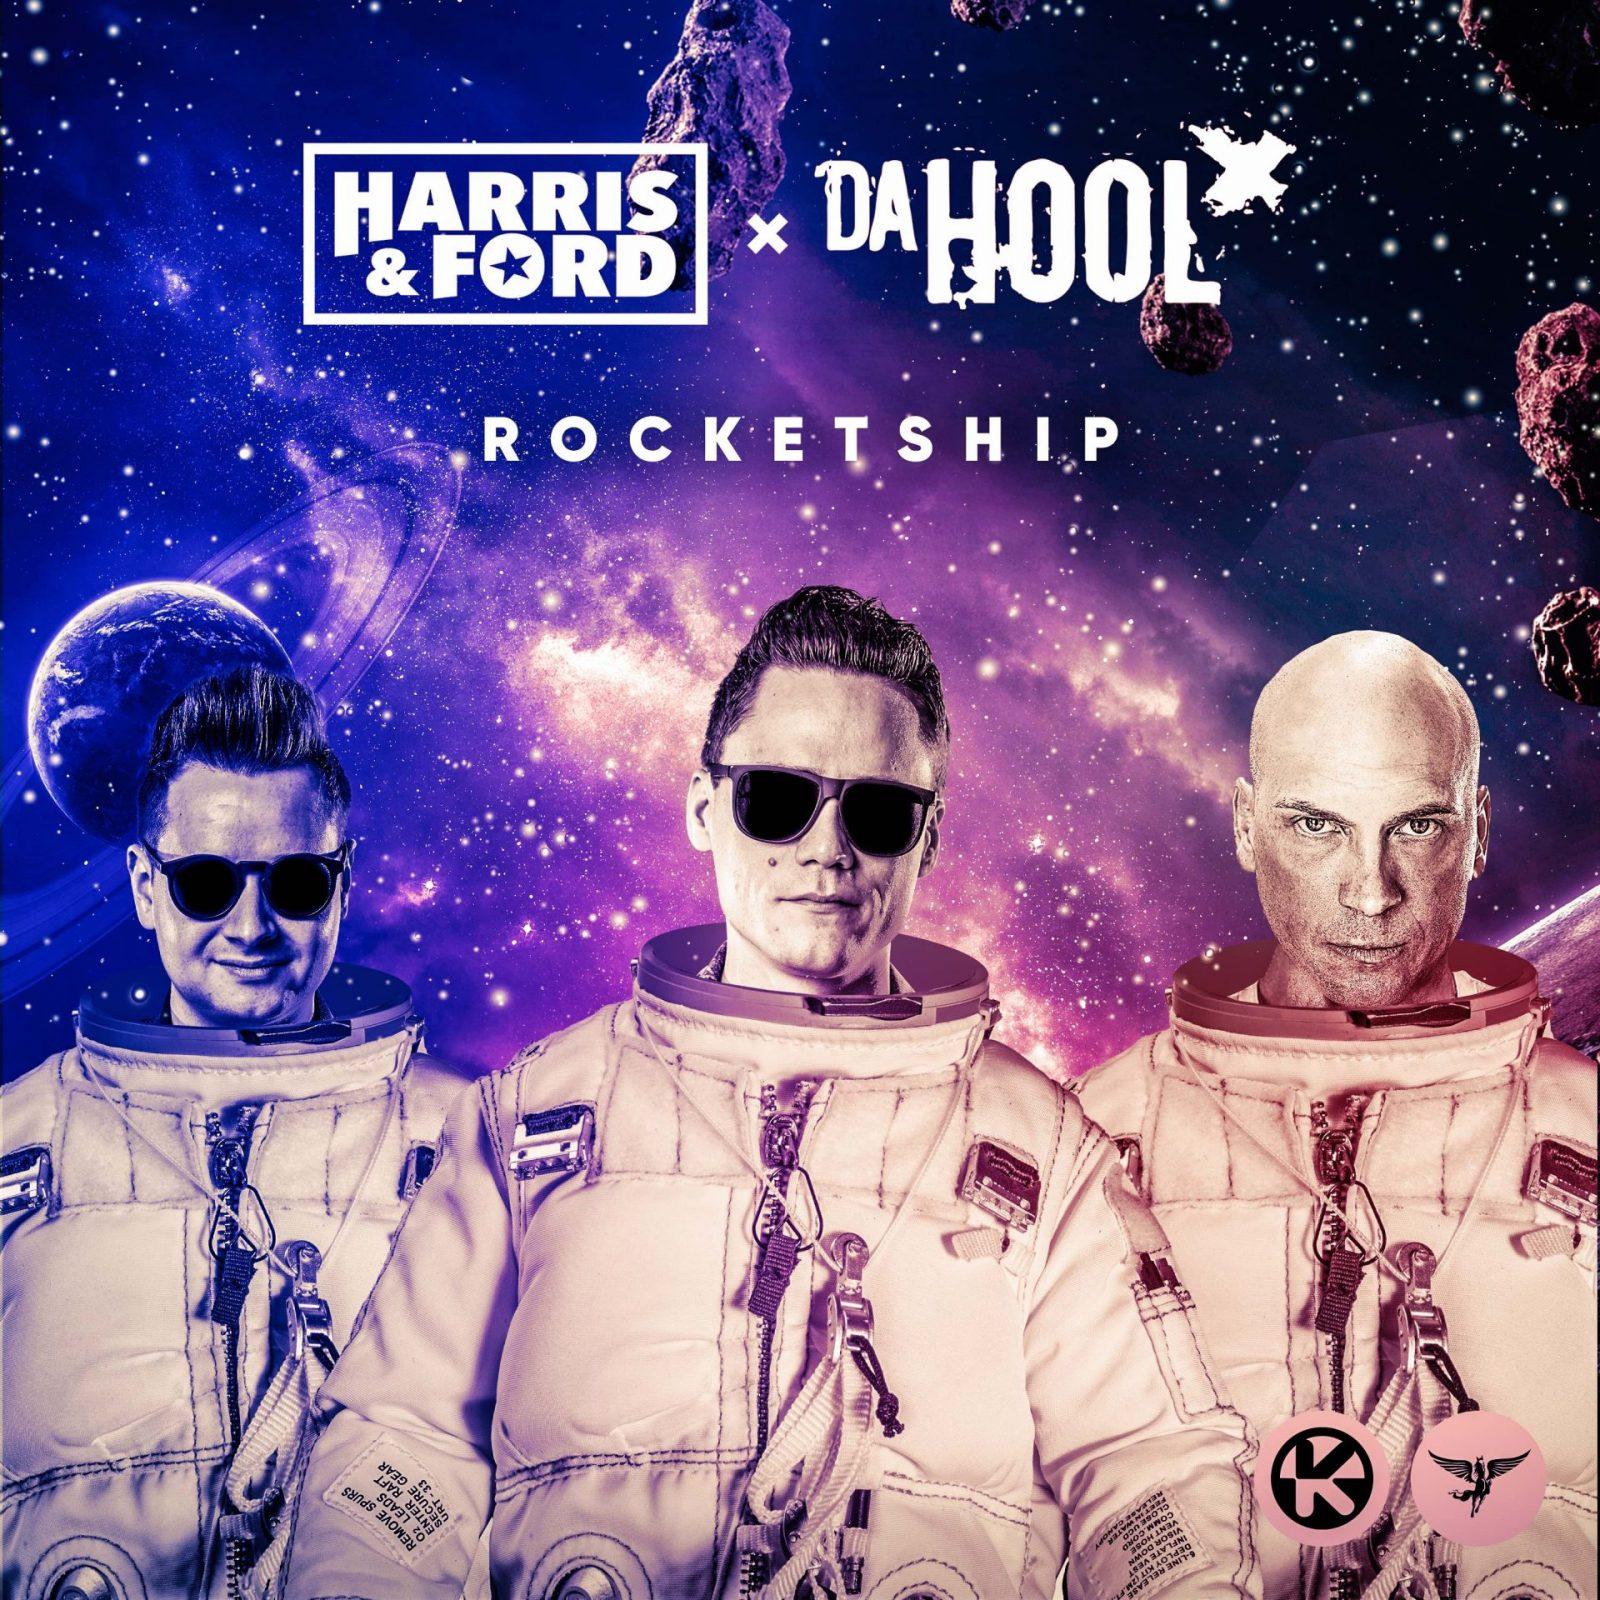 HARRIS & FORD & DA HOOL - ROCKETSHIP